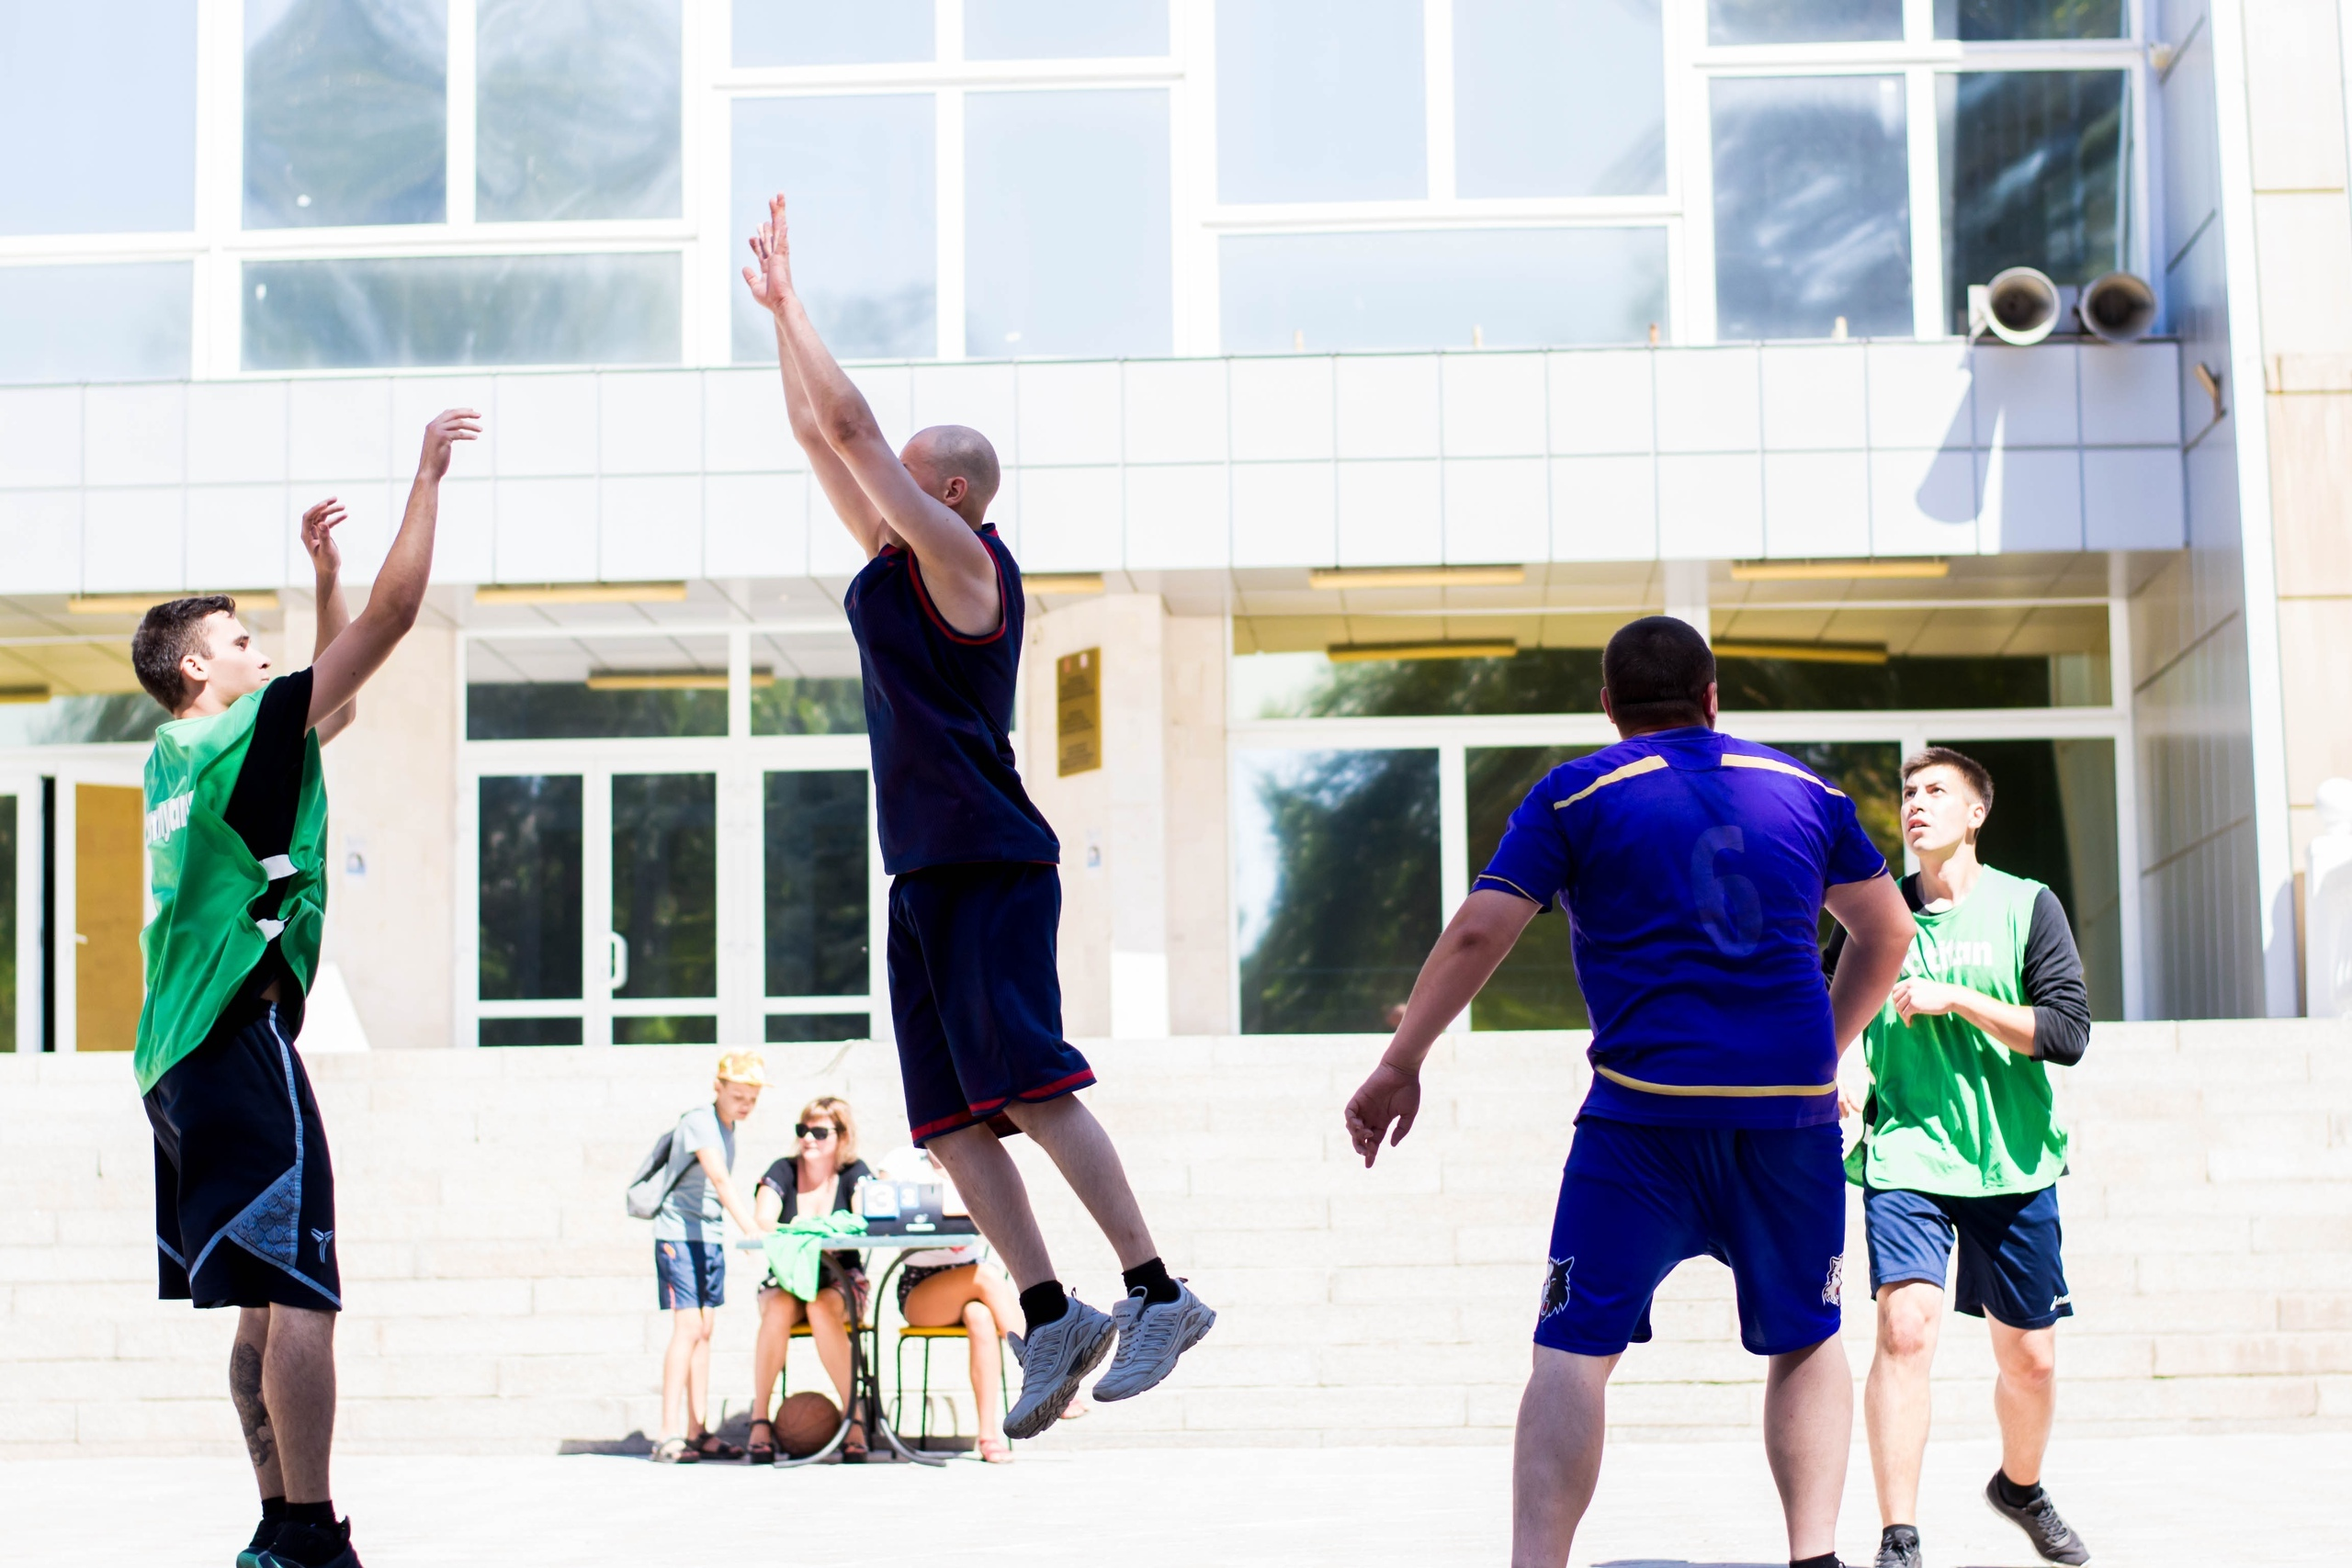 На площади ЦК и Д прошли соревнования по стритболу (фото)